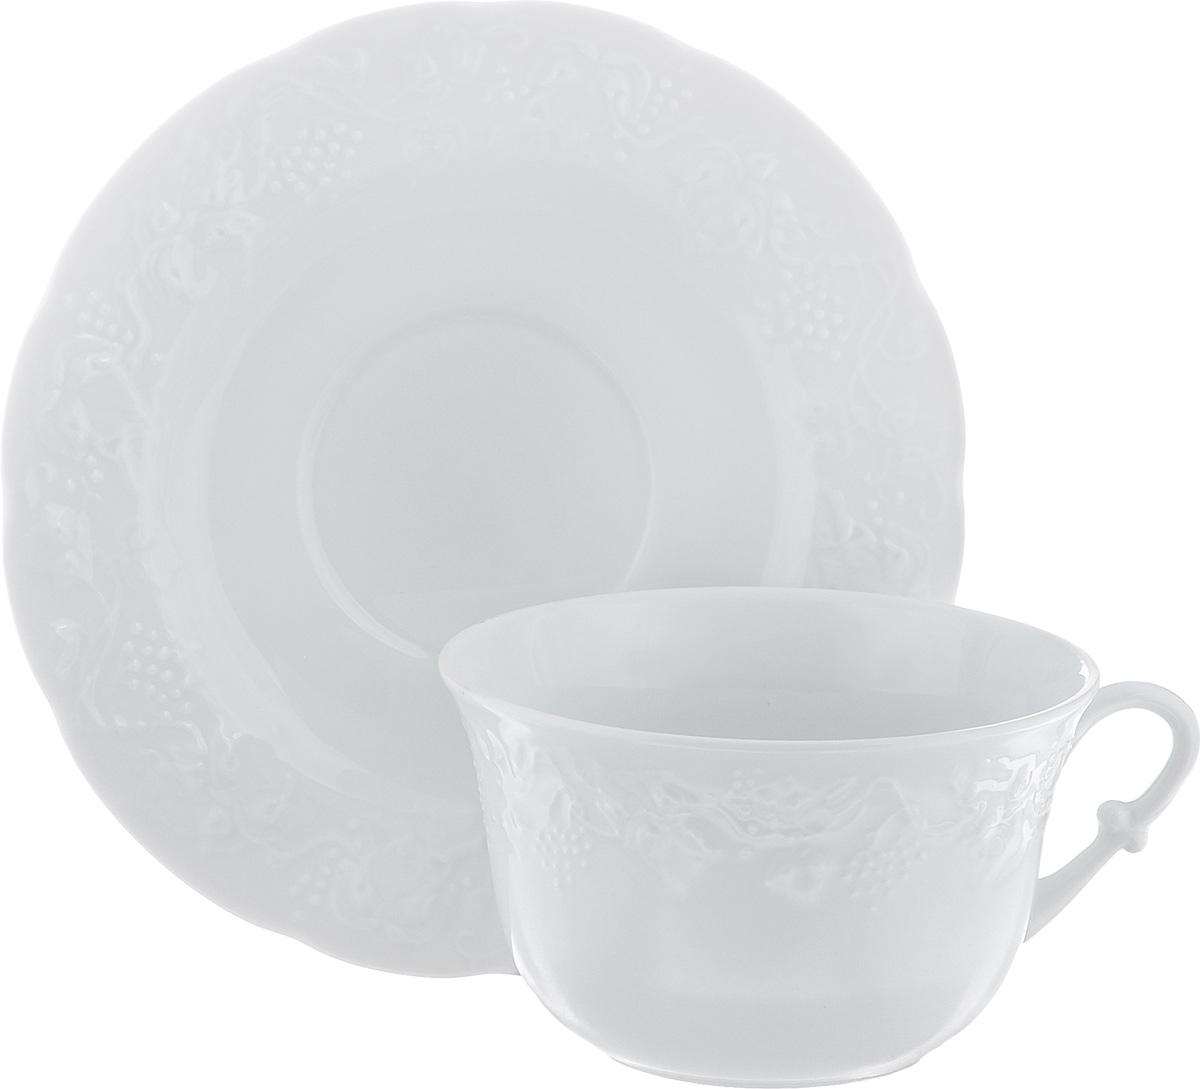 Чайная пара Yves De La Rosiere Vendanges, цвет: белый, 2 предмета115510Чайная пара Yves De La Rosiere Vendanges состоит из чашки и блюдца. Изделия выполнены из высококачественного фарфора и украшены изысканным рельефом. Фарфор марки Yves De La Rosiere изготавливается из уникальной белой глины, которая добывается во Франции, в знаменитой провинции Лимож. Особые свойства этой глины, открытые еще в 18 веке, позволяют создать удивительно тонкую, легкую и при этом прочную посуду. Лиможский фарфор известен по всему миру. Это символ утонченности, аристократизма и знак высокого вкуса. Преимущества этого фарфора заключаются в устойчивости к сколам и трещинам, что возможно благодаря двойному термическому обжигу. Объем чашки: 340 мл. Диаметр чашки (по верхнему краю): 11,5 см. Высота чашки: 7 см. Диаметр блюдца: 17,5 см.Высота блюдца: 2 см.